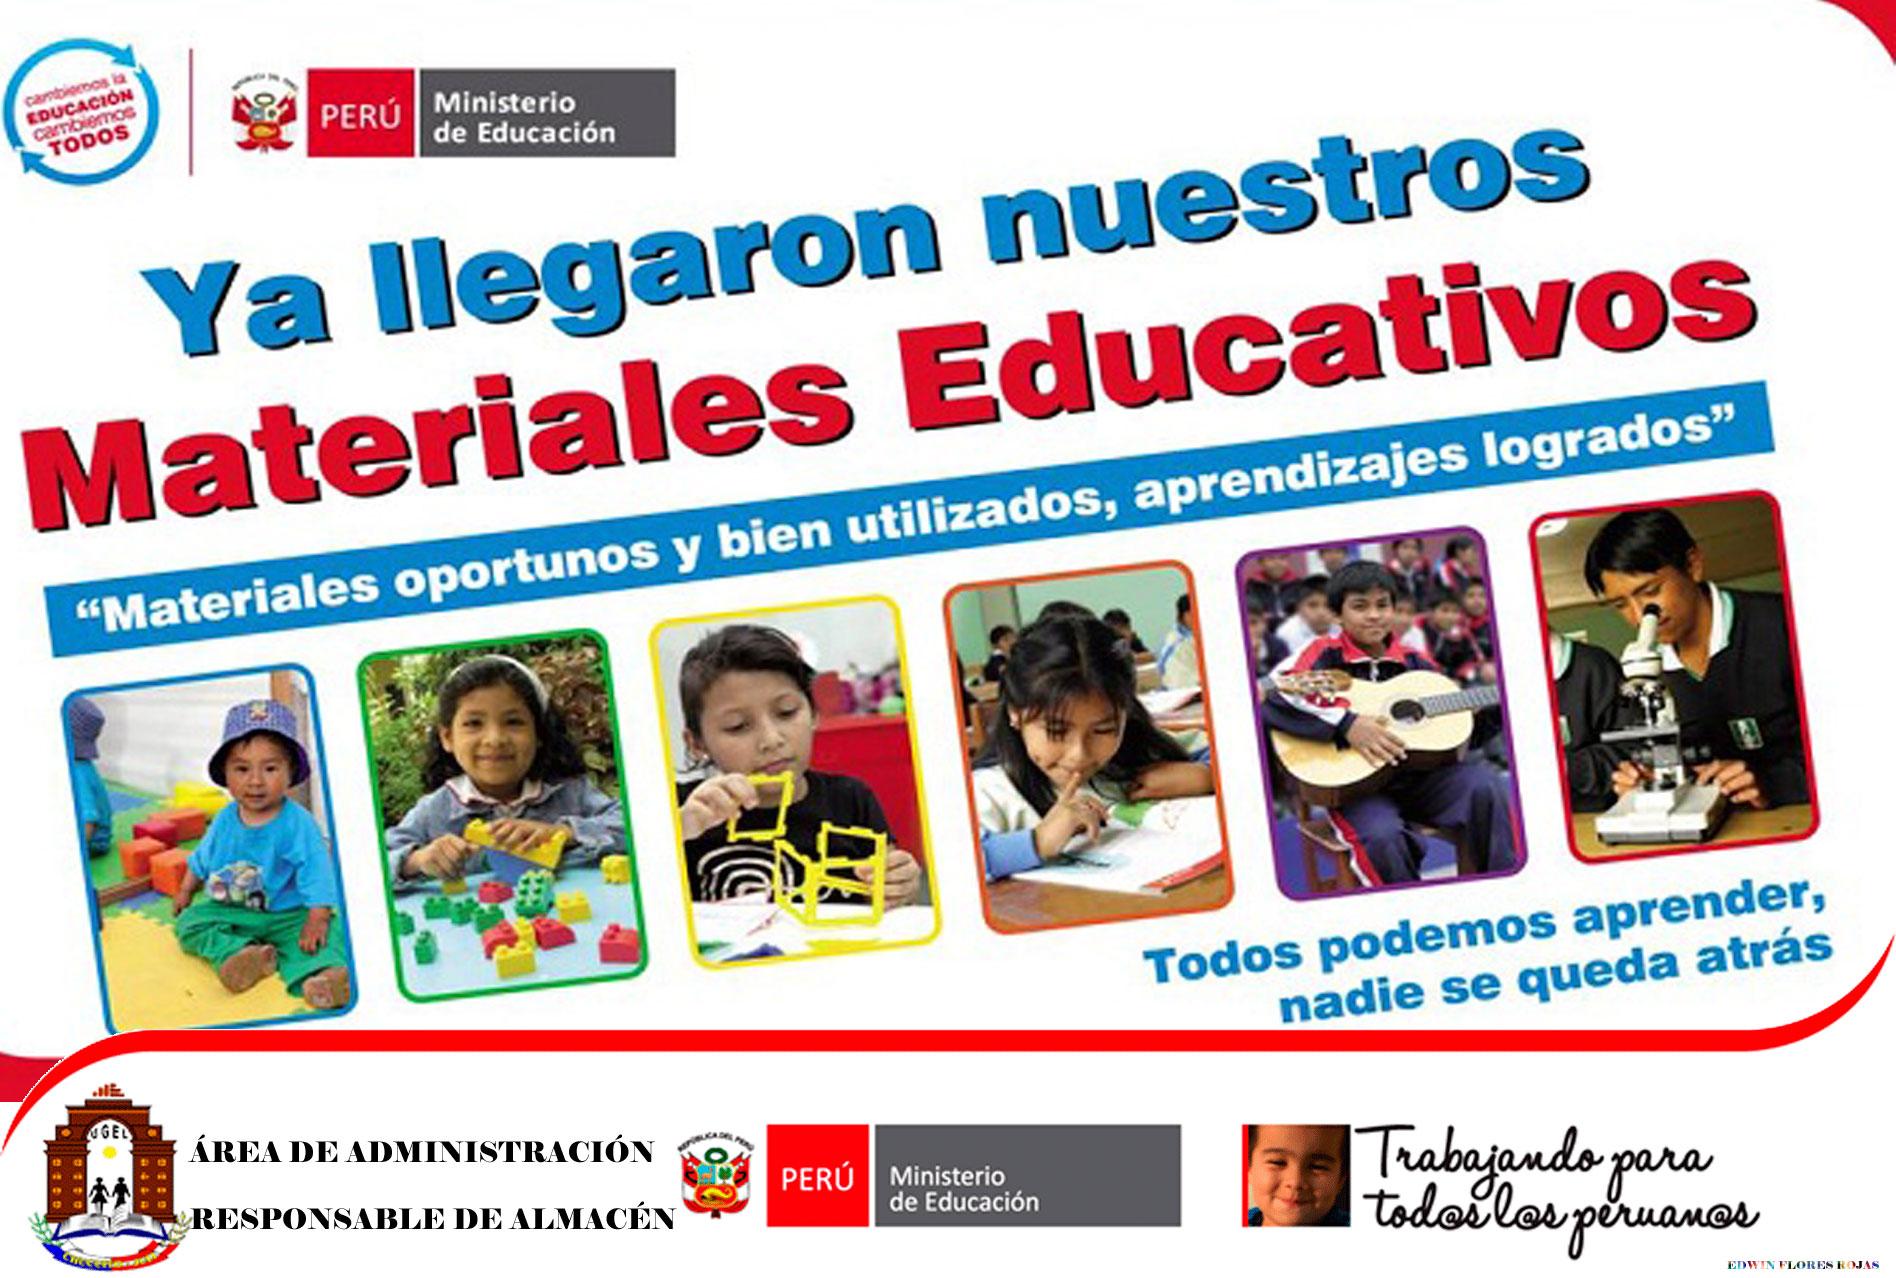 COMUNICA ENTREGA DE MATERIAL EDUCATIVO FASE DE REDISTRIBUCIÓN LOCAL